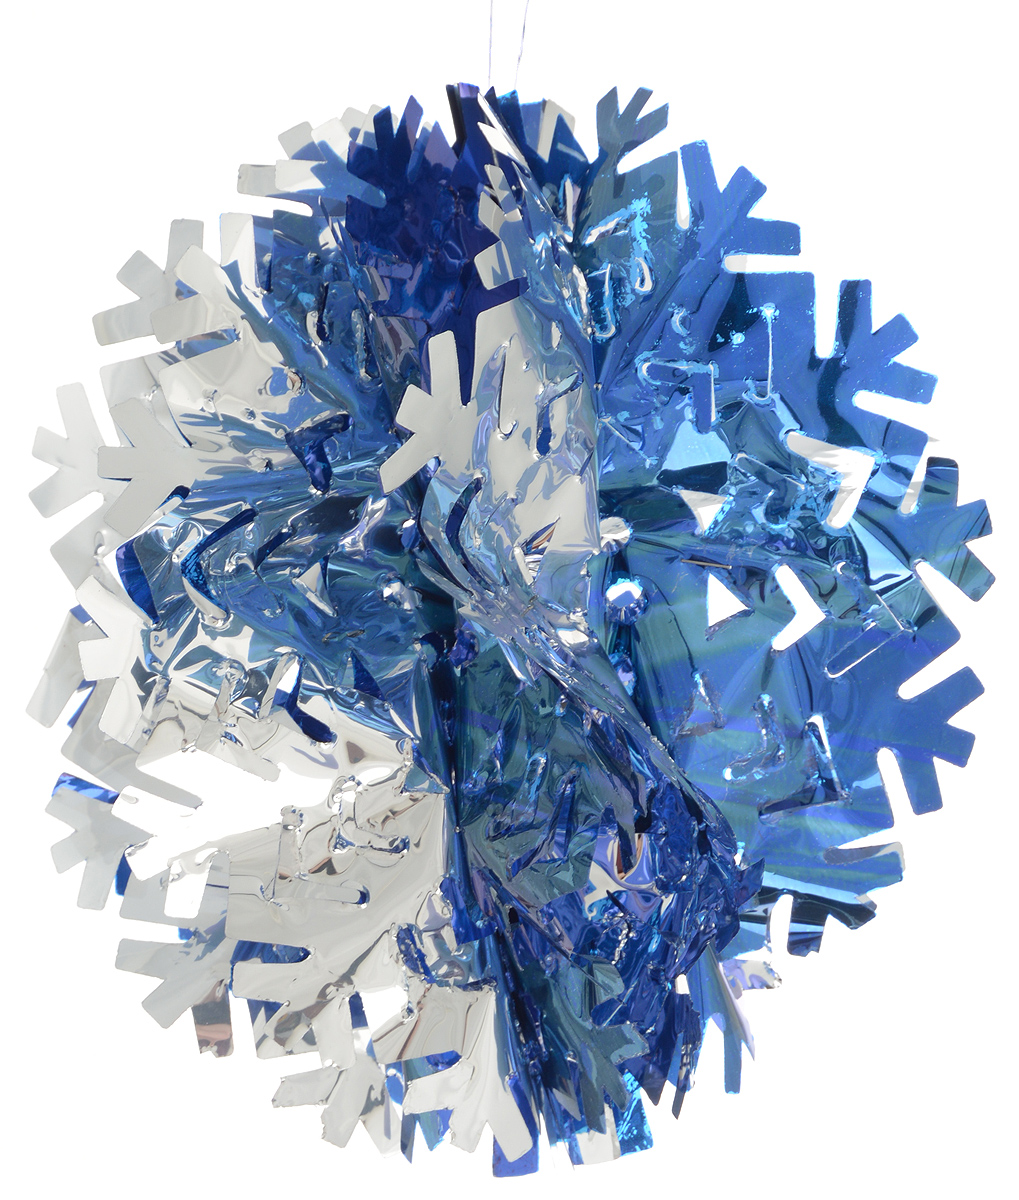 Гирлянда новогодняя Magic Time Снежинка объемная цветная, 20 х 10 см30962Новогодняя гирлянда Magic Time Снежинка объемная цветная прекрасно подойдет длядекора дома ипраздничной елки. Украшение выполнено из ПЭТ. С помощью специальной петелькигирляндуможно повесить в любом понравившемся вам месте.Легко складывается и раскладывается. Новогодние украшения несут в себе волшебство икрасоту праздника. Они помогут вам украсить дом кпредстоящим праздникам и оживить интерьер по вашемувкусу. Создайте в доме атмосферу тепла, веселья ирадости, украшая его всей семьей.